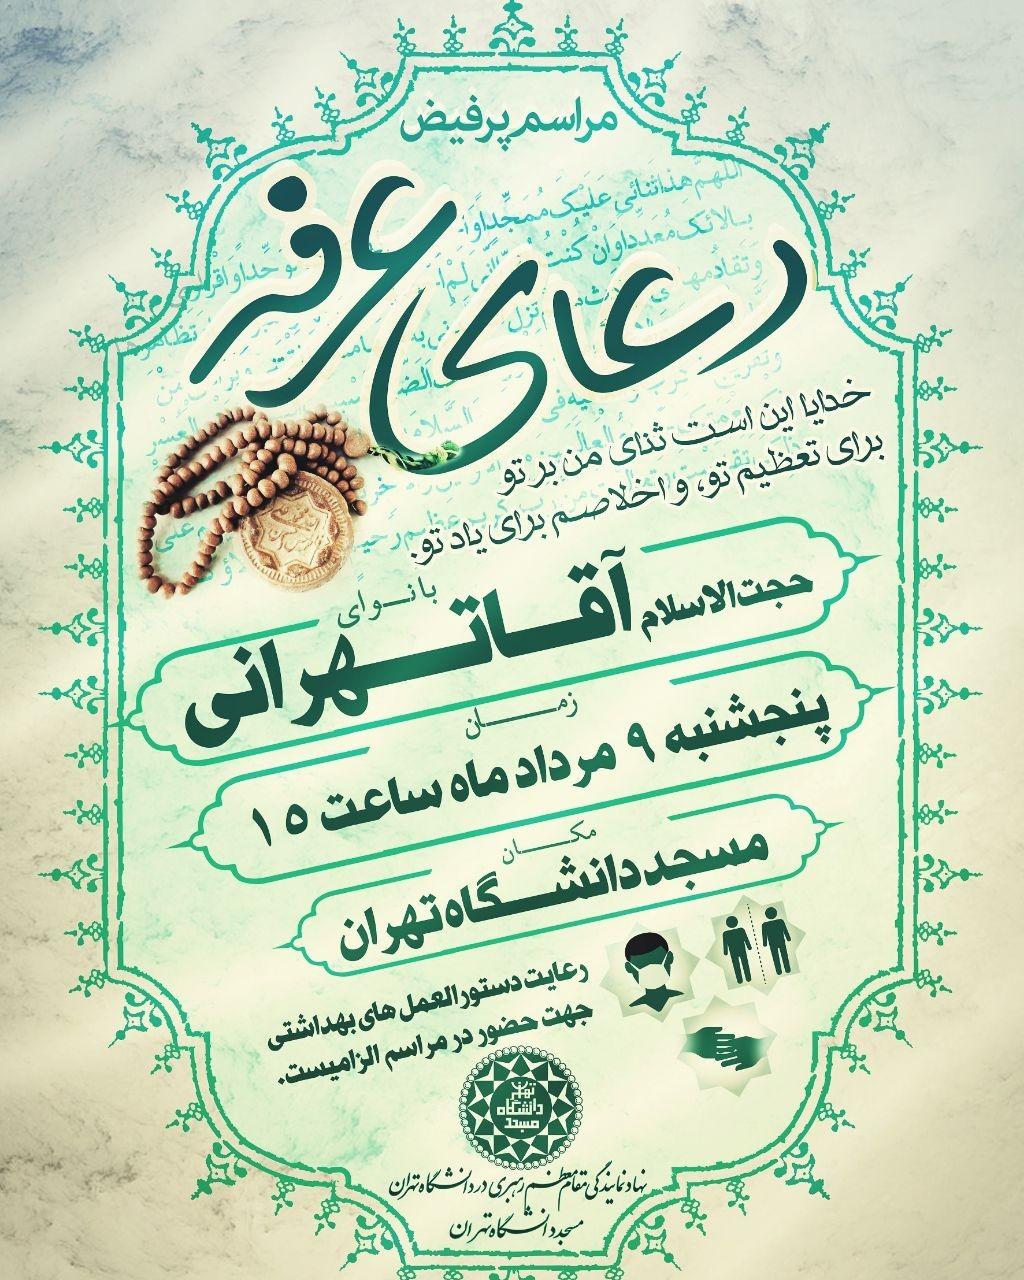 مراسم دعای عرفه در دانشگاه تهران برگزار میشود